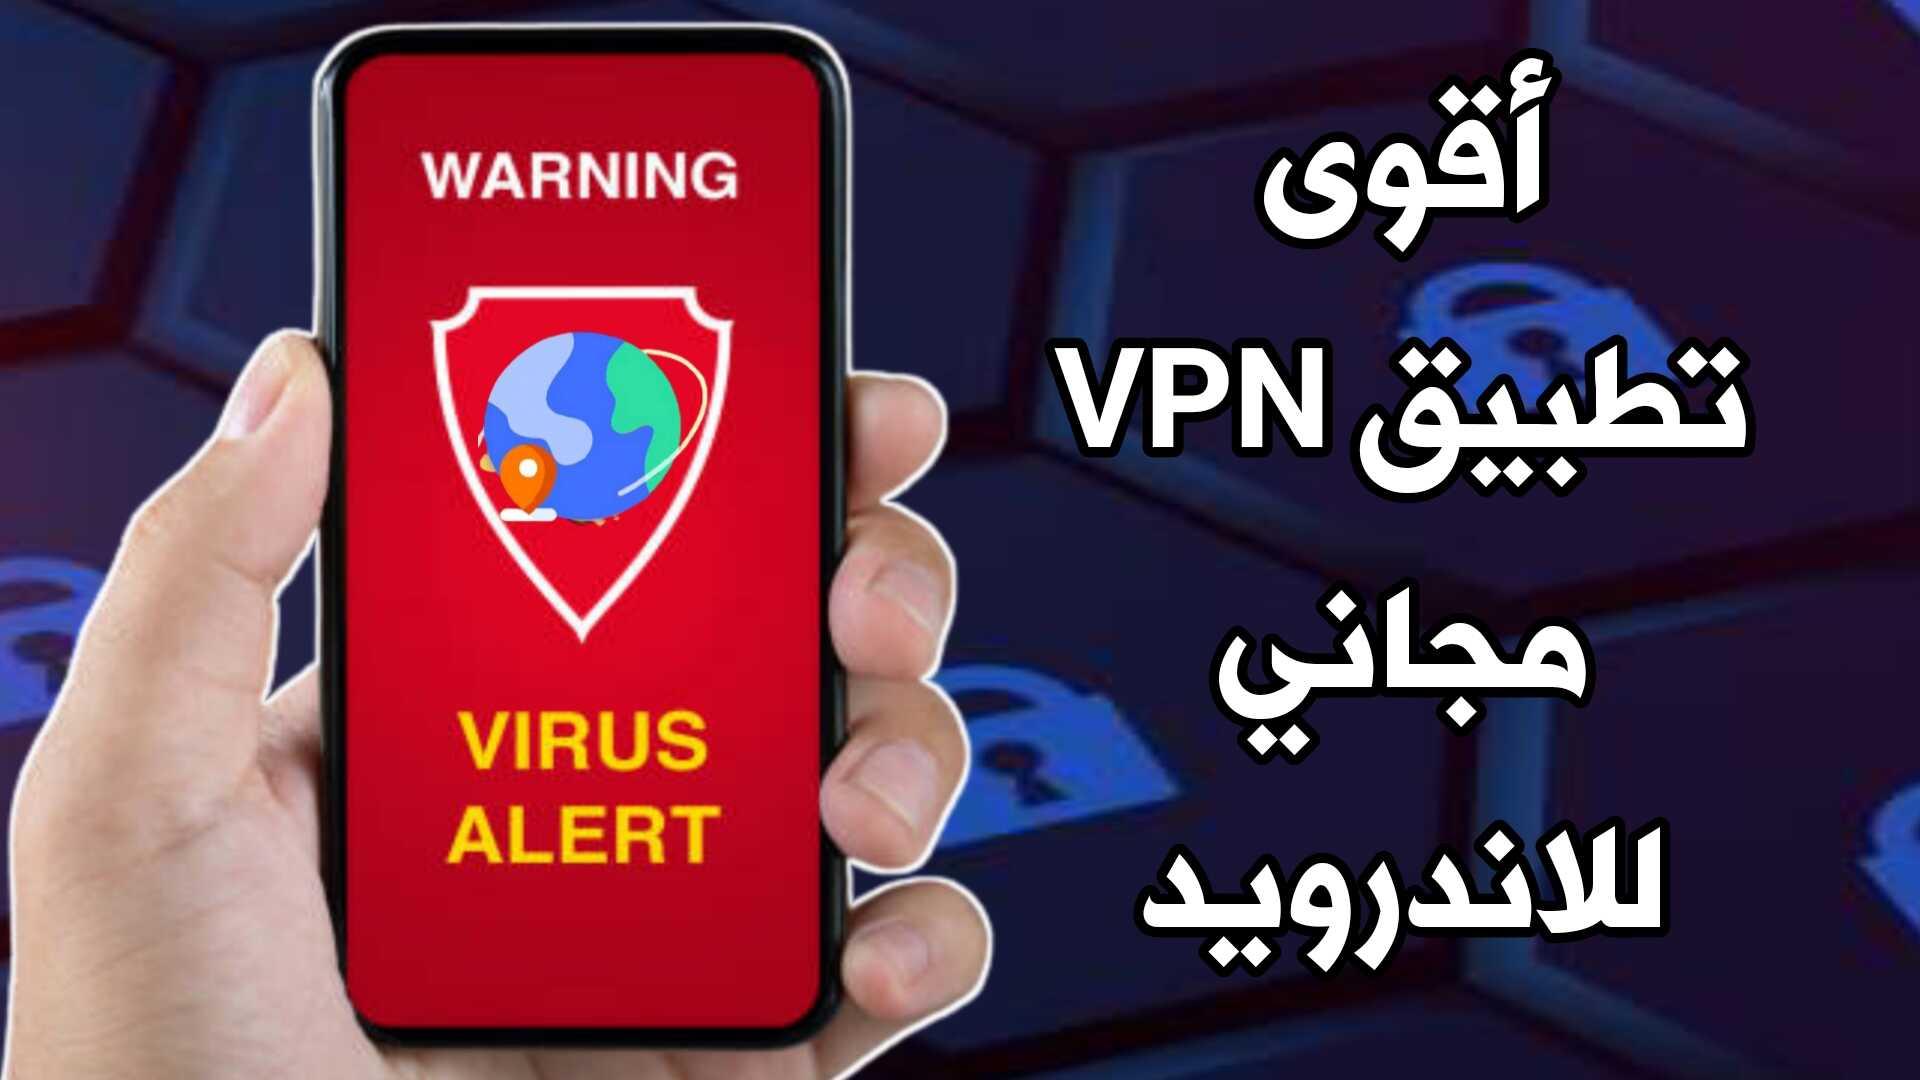 أقوى تطبيق VPN مجاني للاندرويد 2021